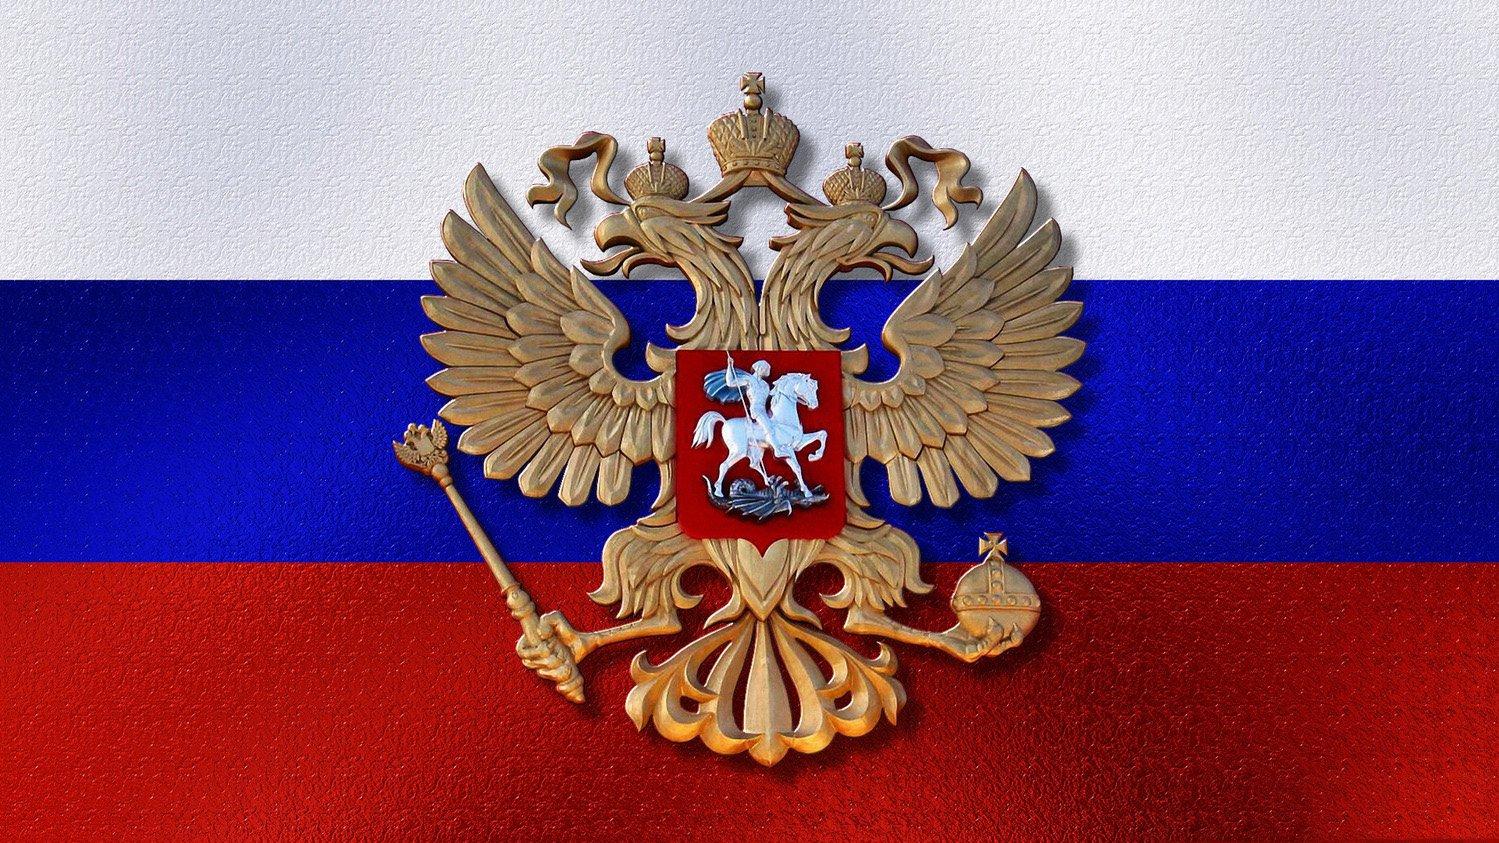 России предстоит решающая схватка за суверенитет